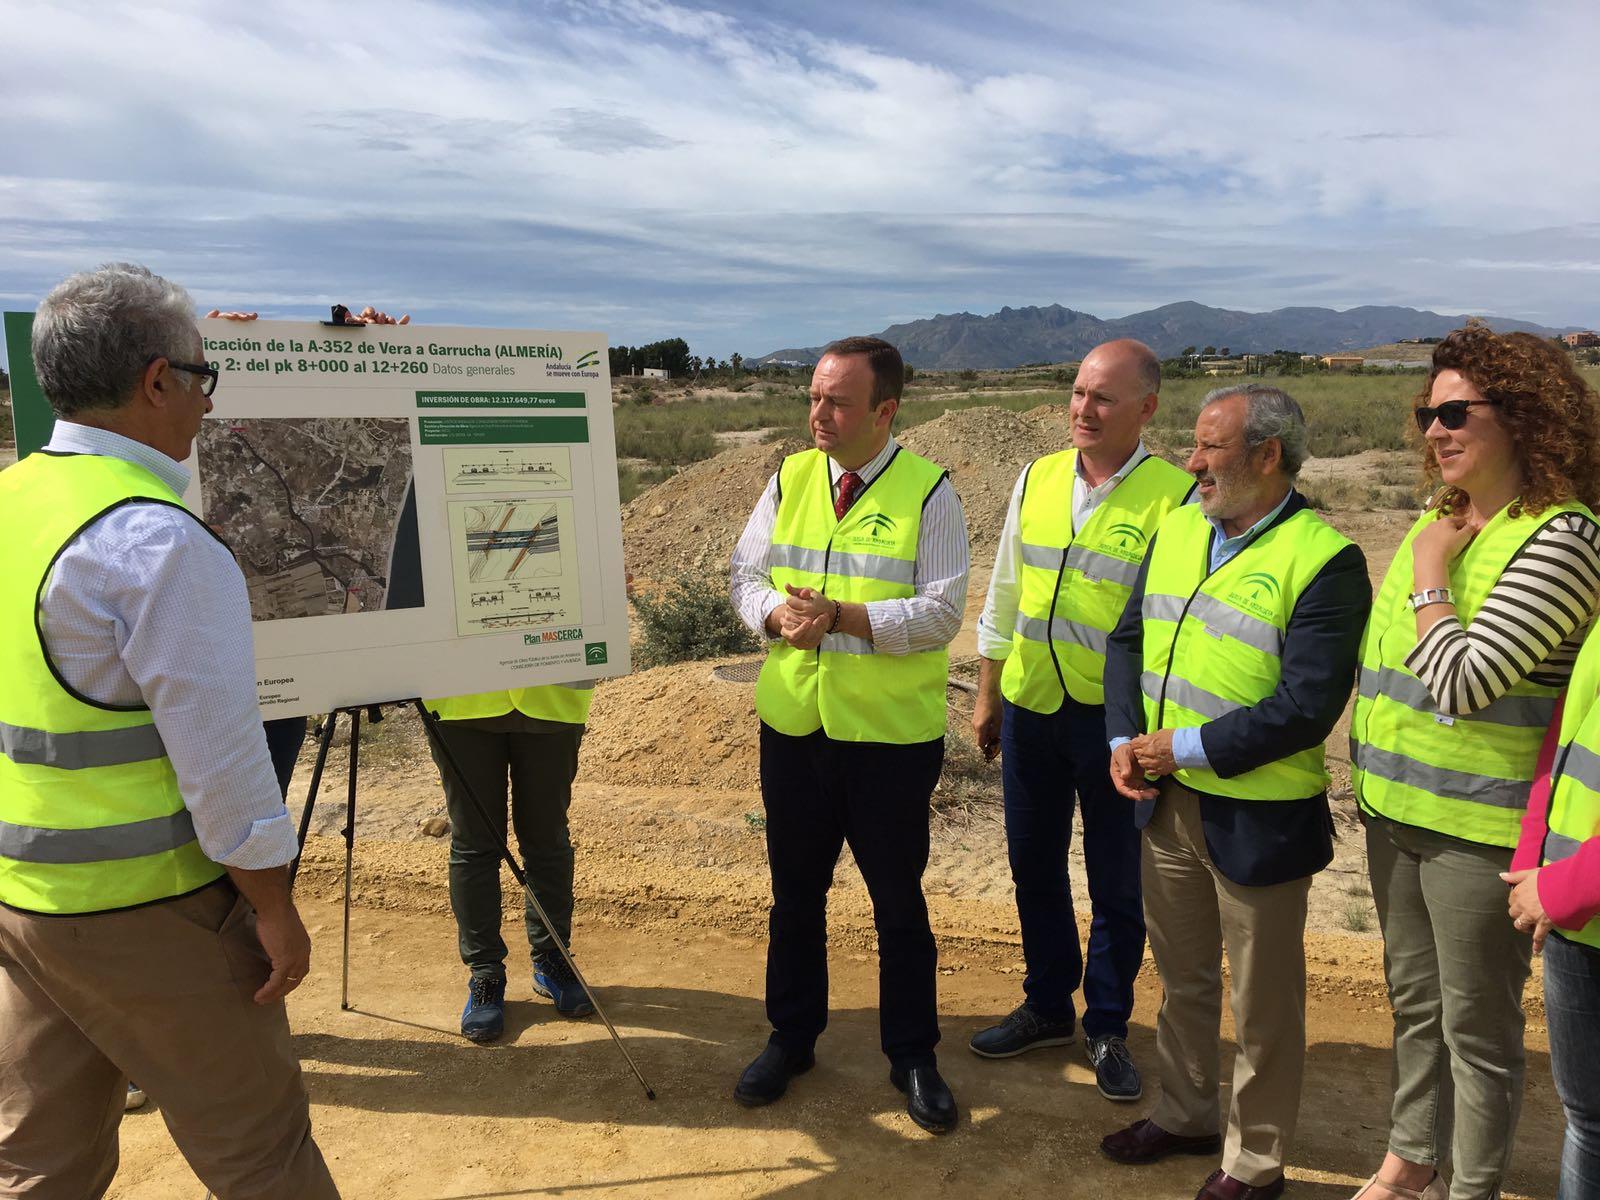 Los alcaldes de Vera y Garrucha han estado prensentes en el visita a las obras.